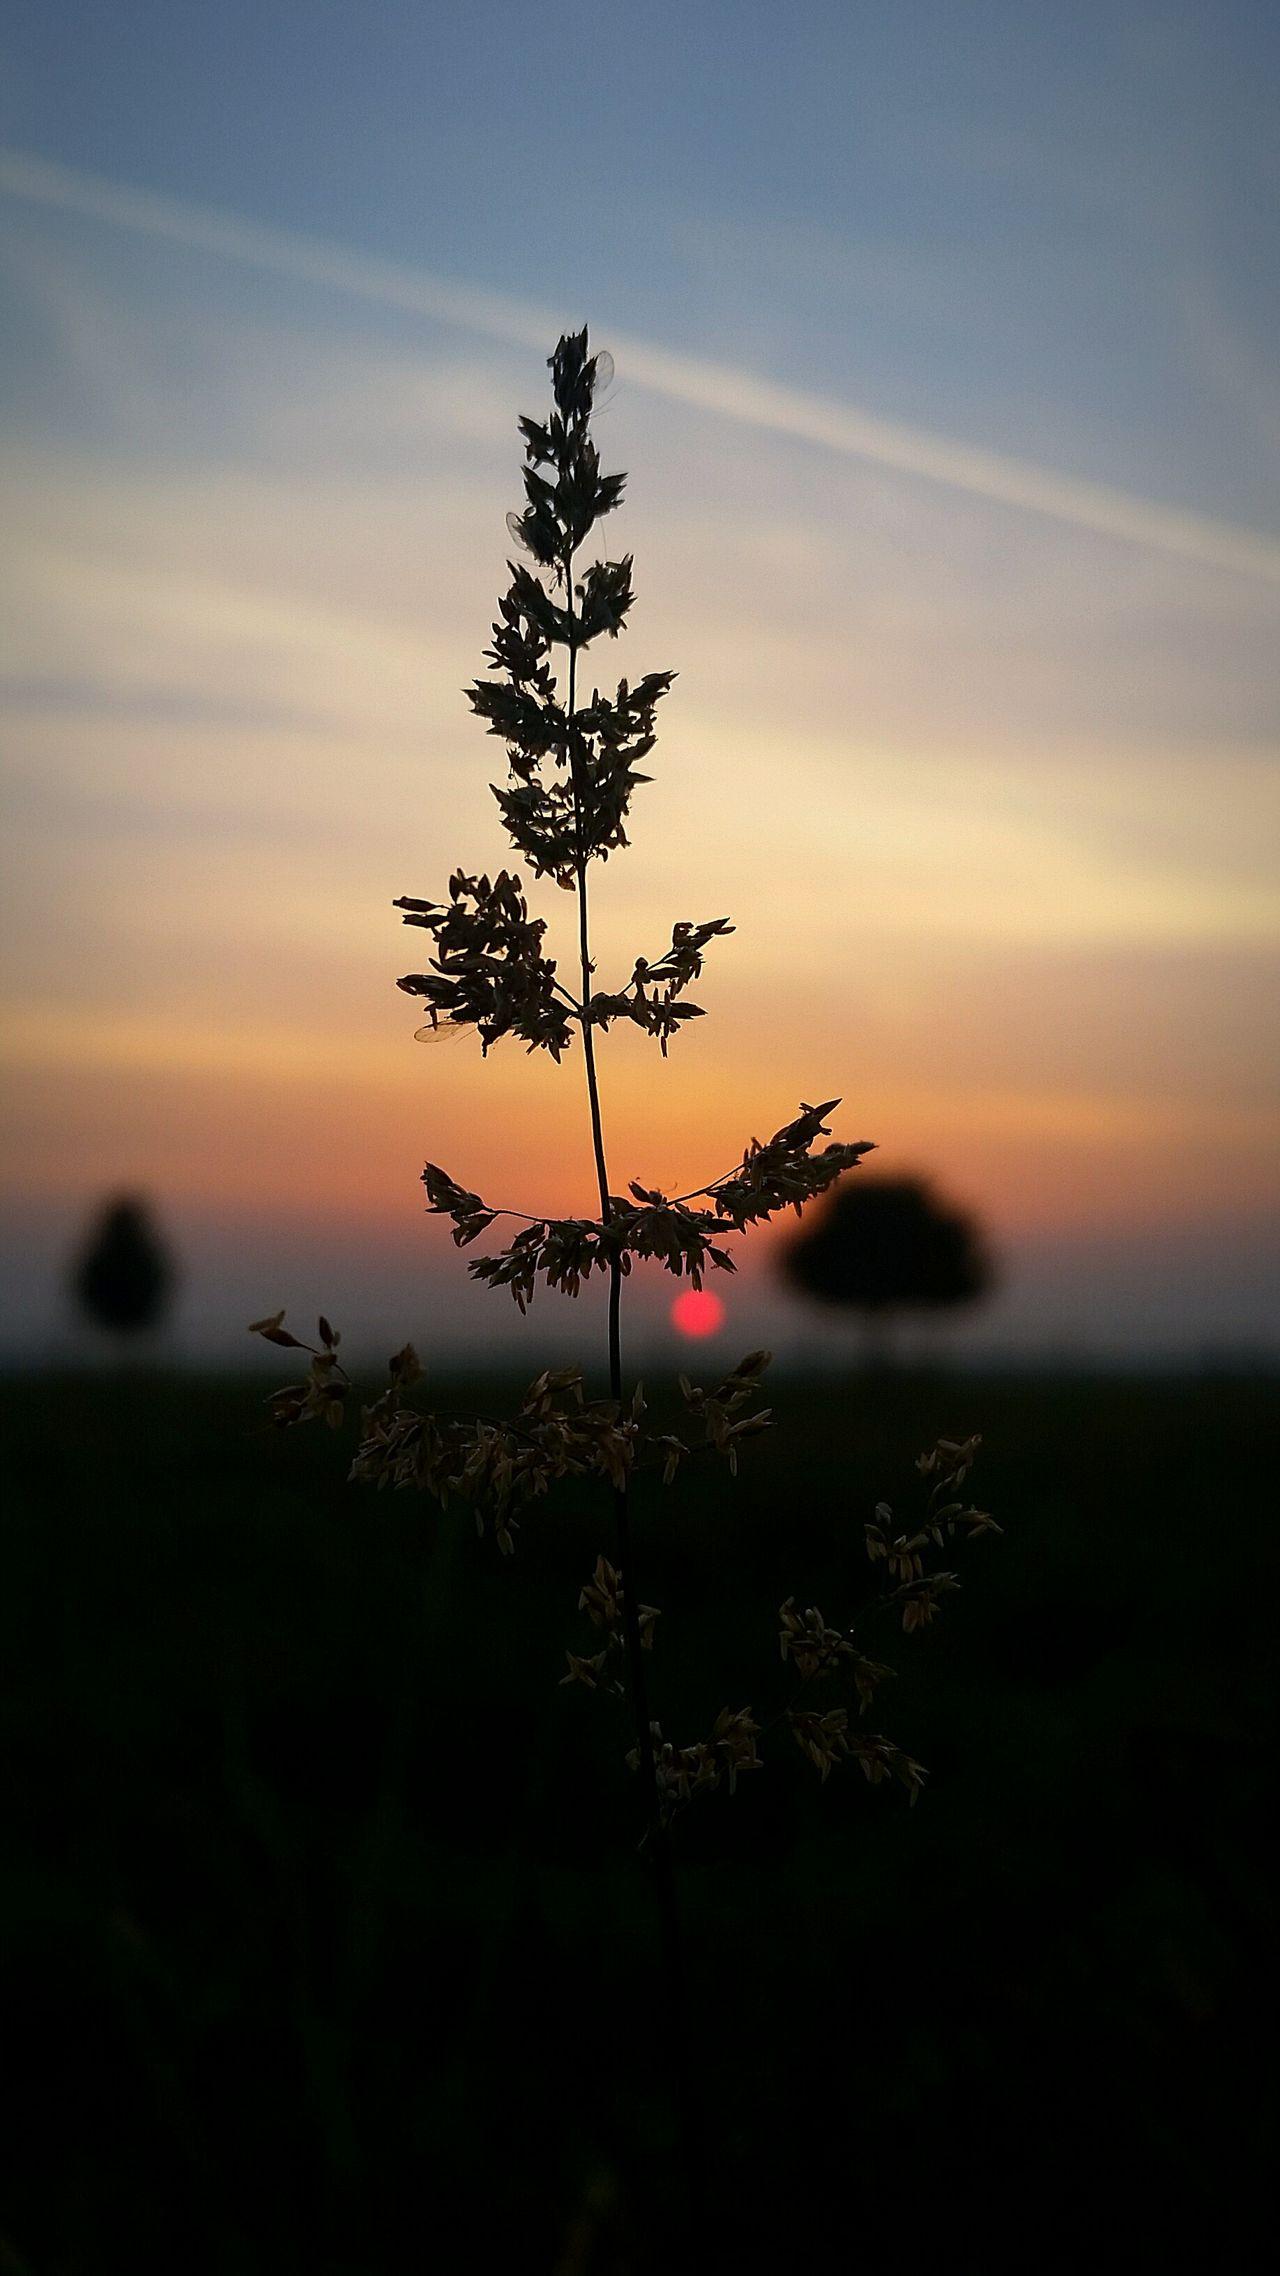 Nature Photography Sunrise Village Germany Photos Plants Pflanzen Bäume Wiese  Perfekt Entspannt Mein Erstes Foto Bin Fuer Konstruktive Kritik Stehts Offen Möchte Von Euch Etwas Lernen